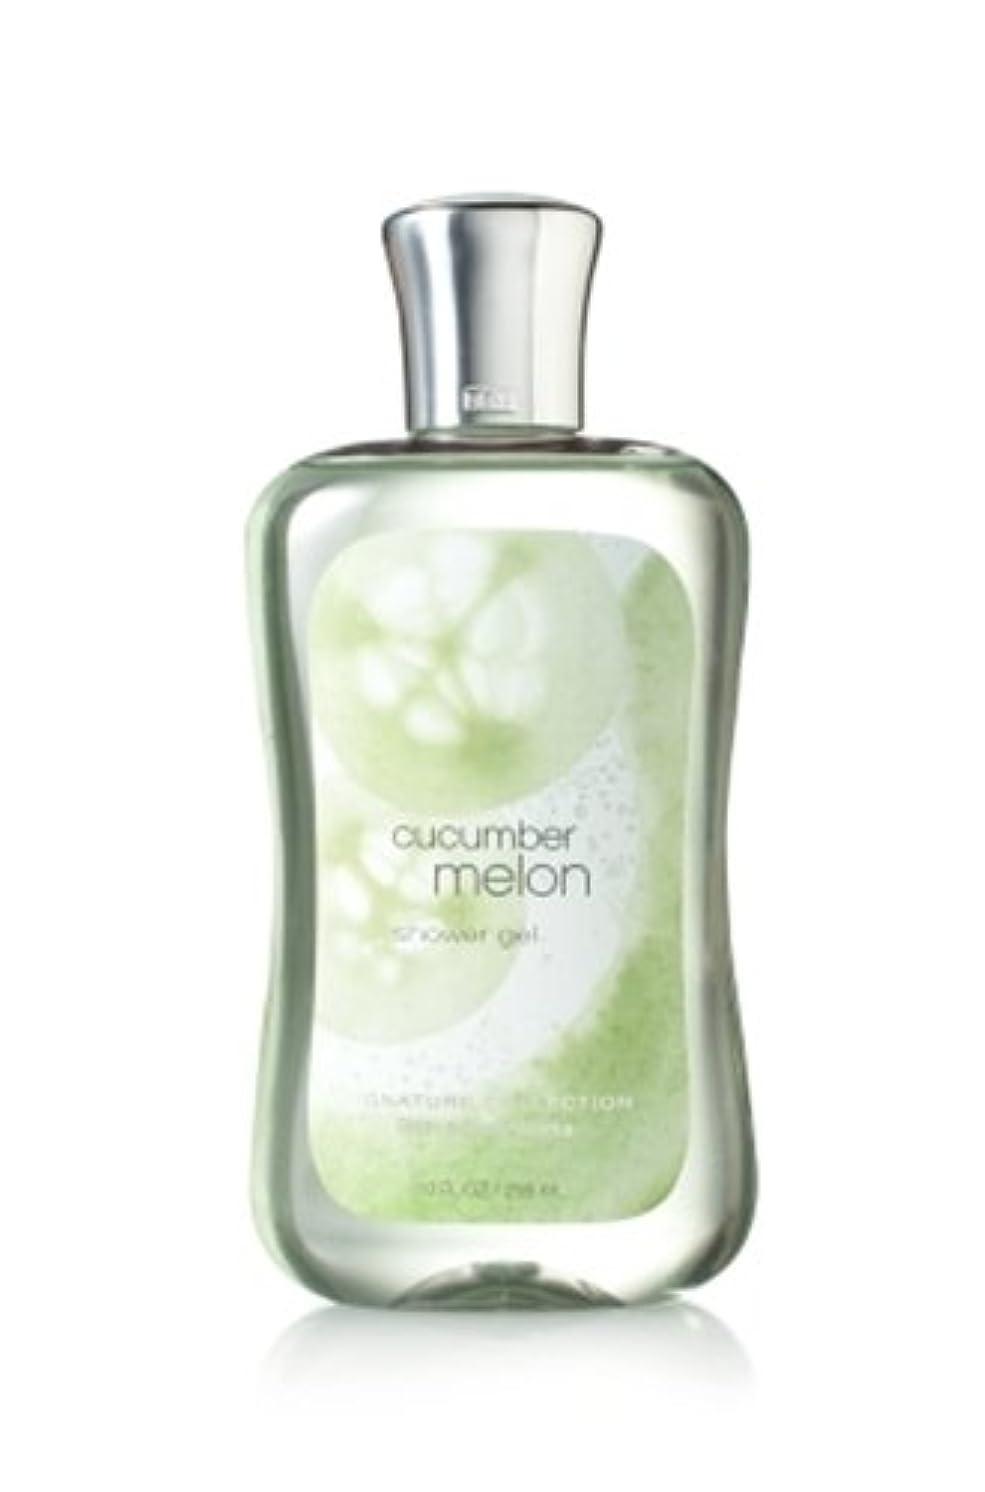 汚れた必要確認してくださいバス&ボディワークス キューカンバーメロン シャワージェル Cucumber Melon shower gel [並行輸入品]